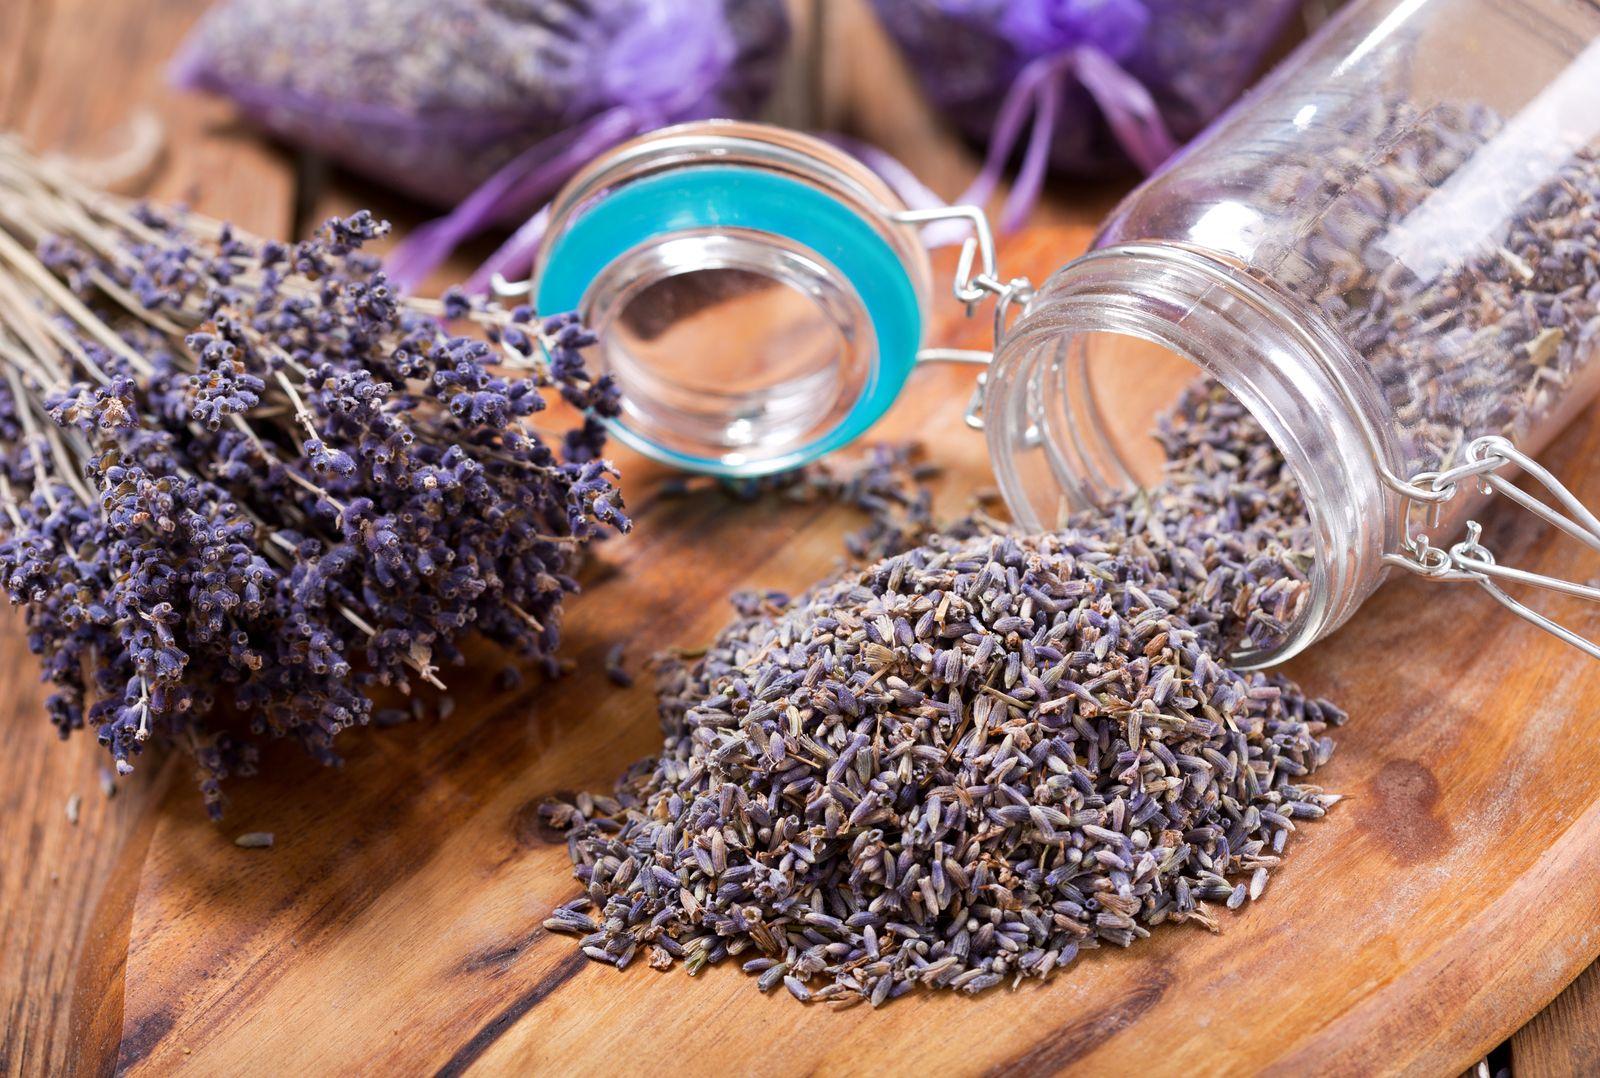 Super Lavendel trocknen: Tipps zur Lagerung & weiteren Verwendung - Plantura #KB_18